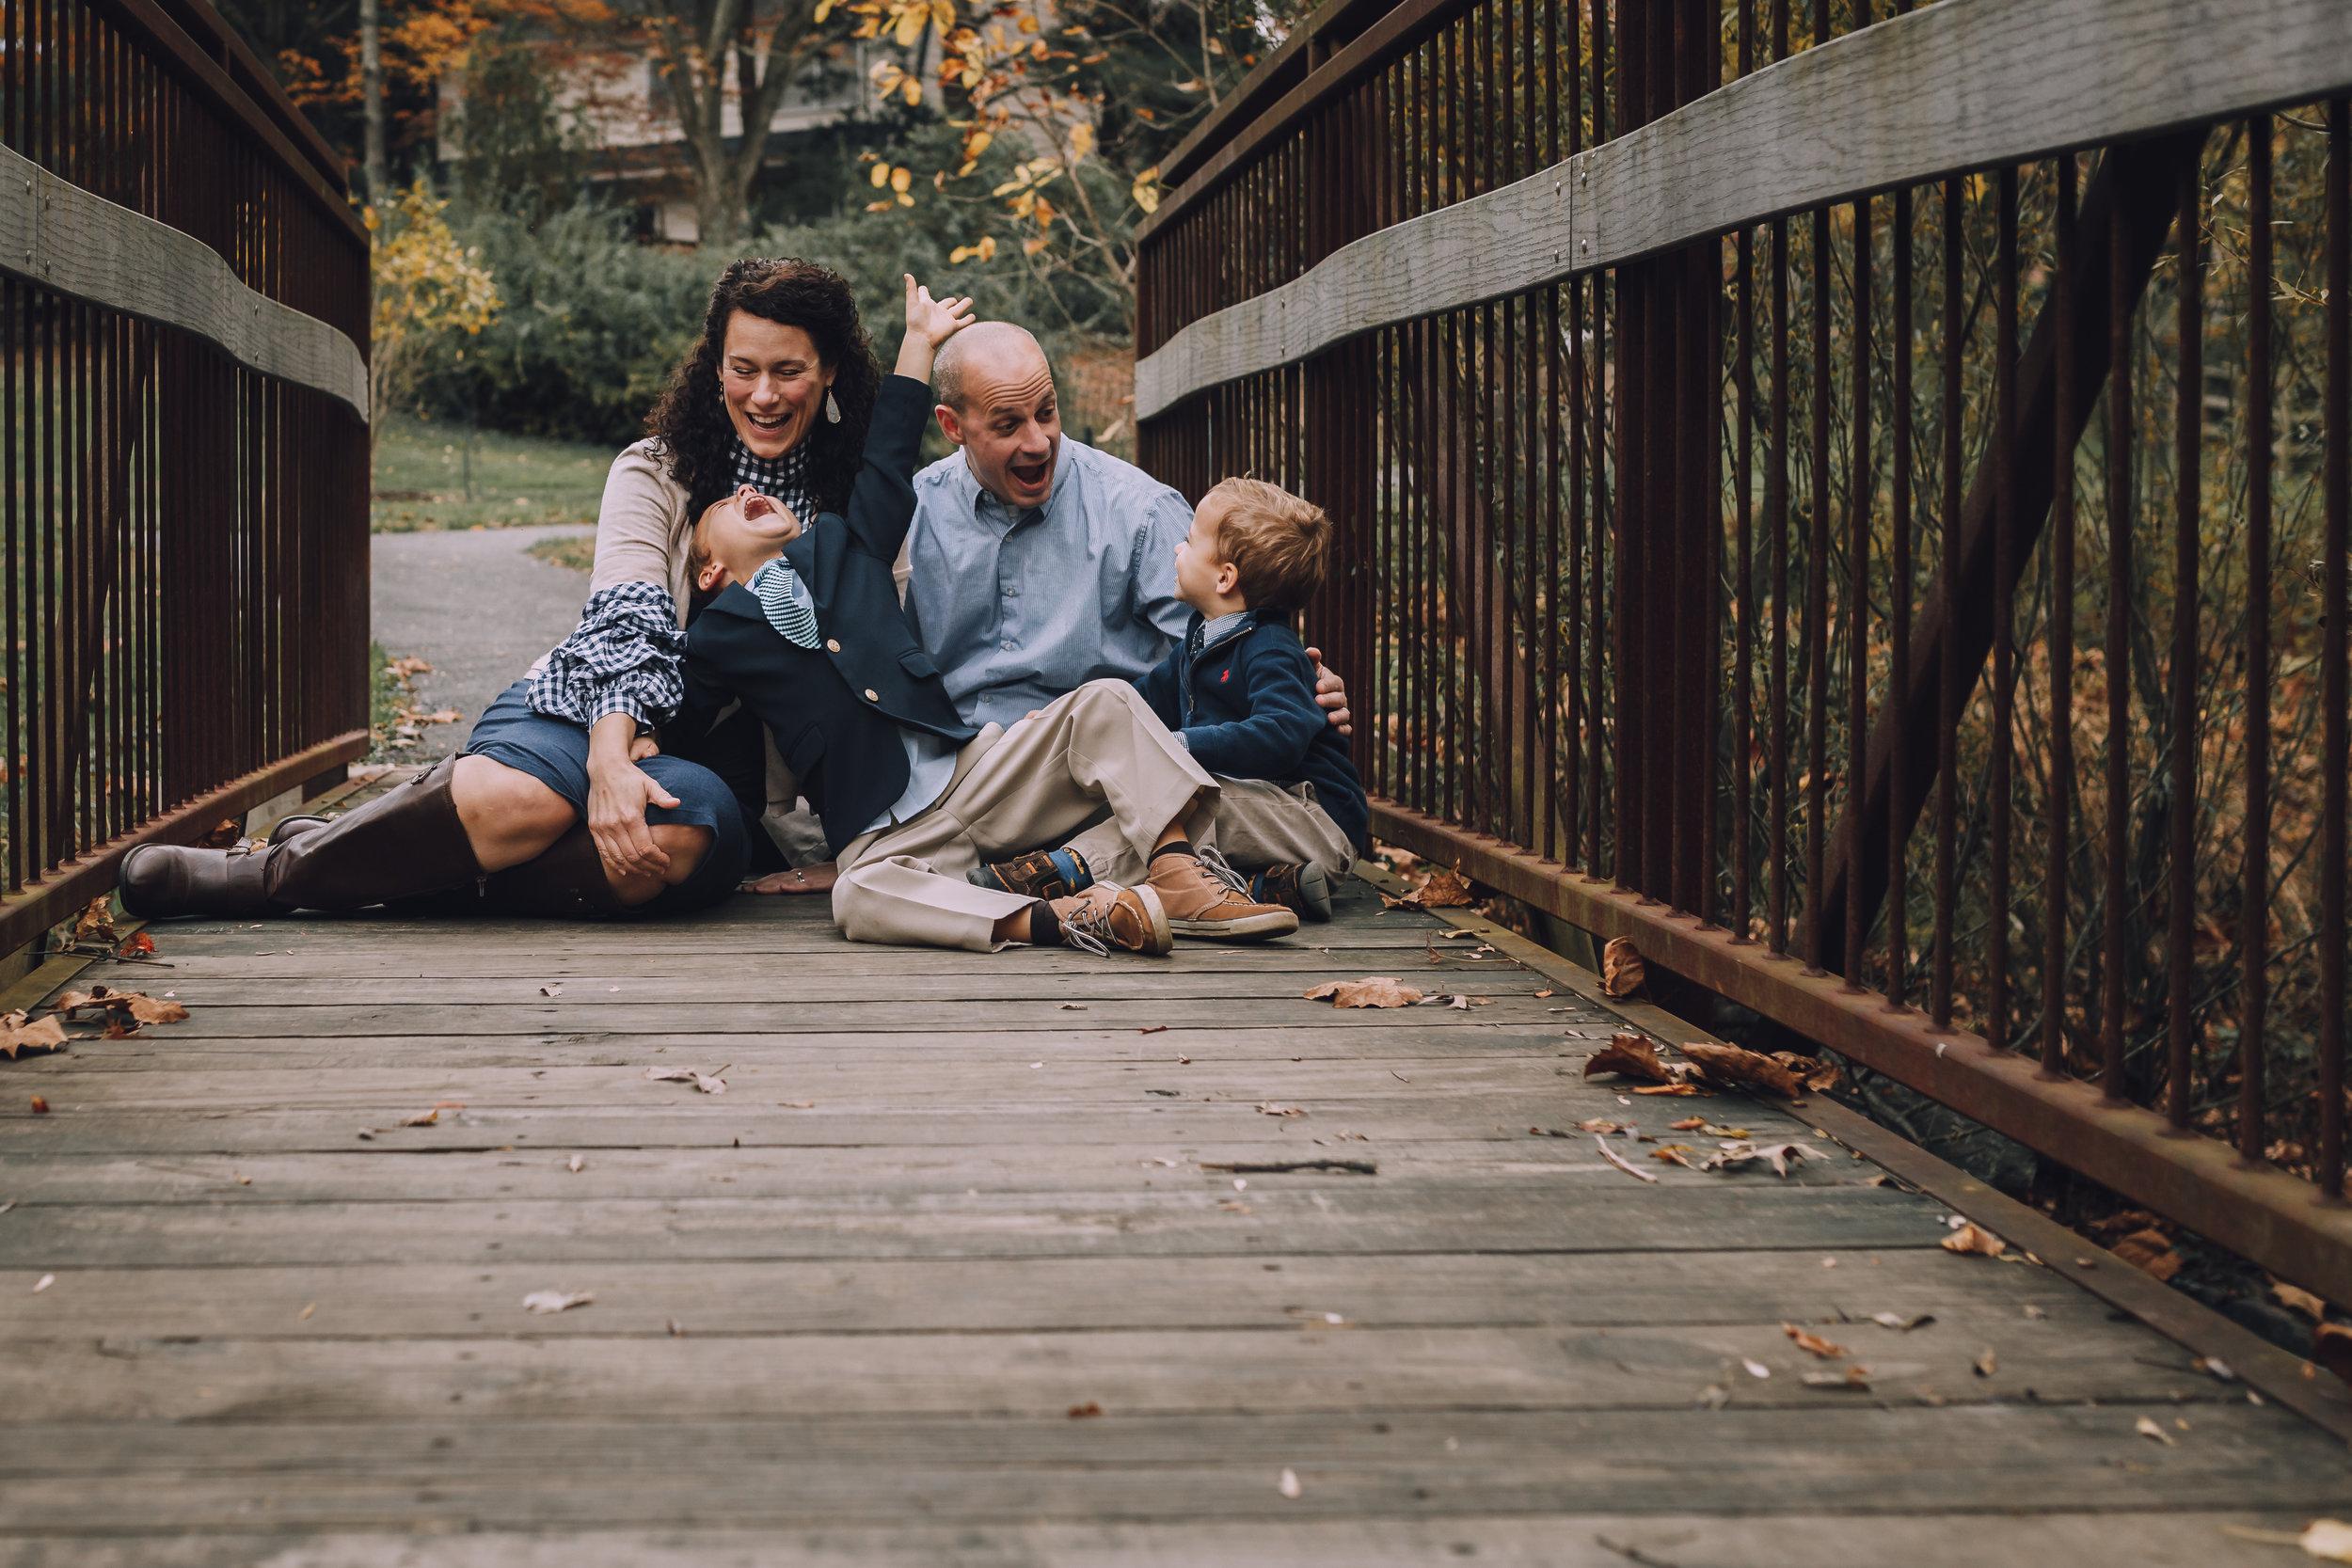 Family_Photographer_Rockville_Maryland17.jpg